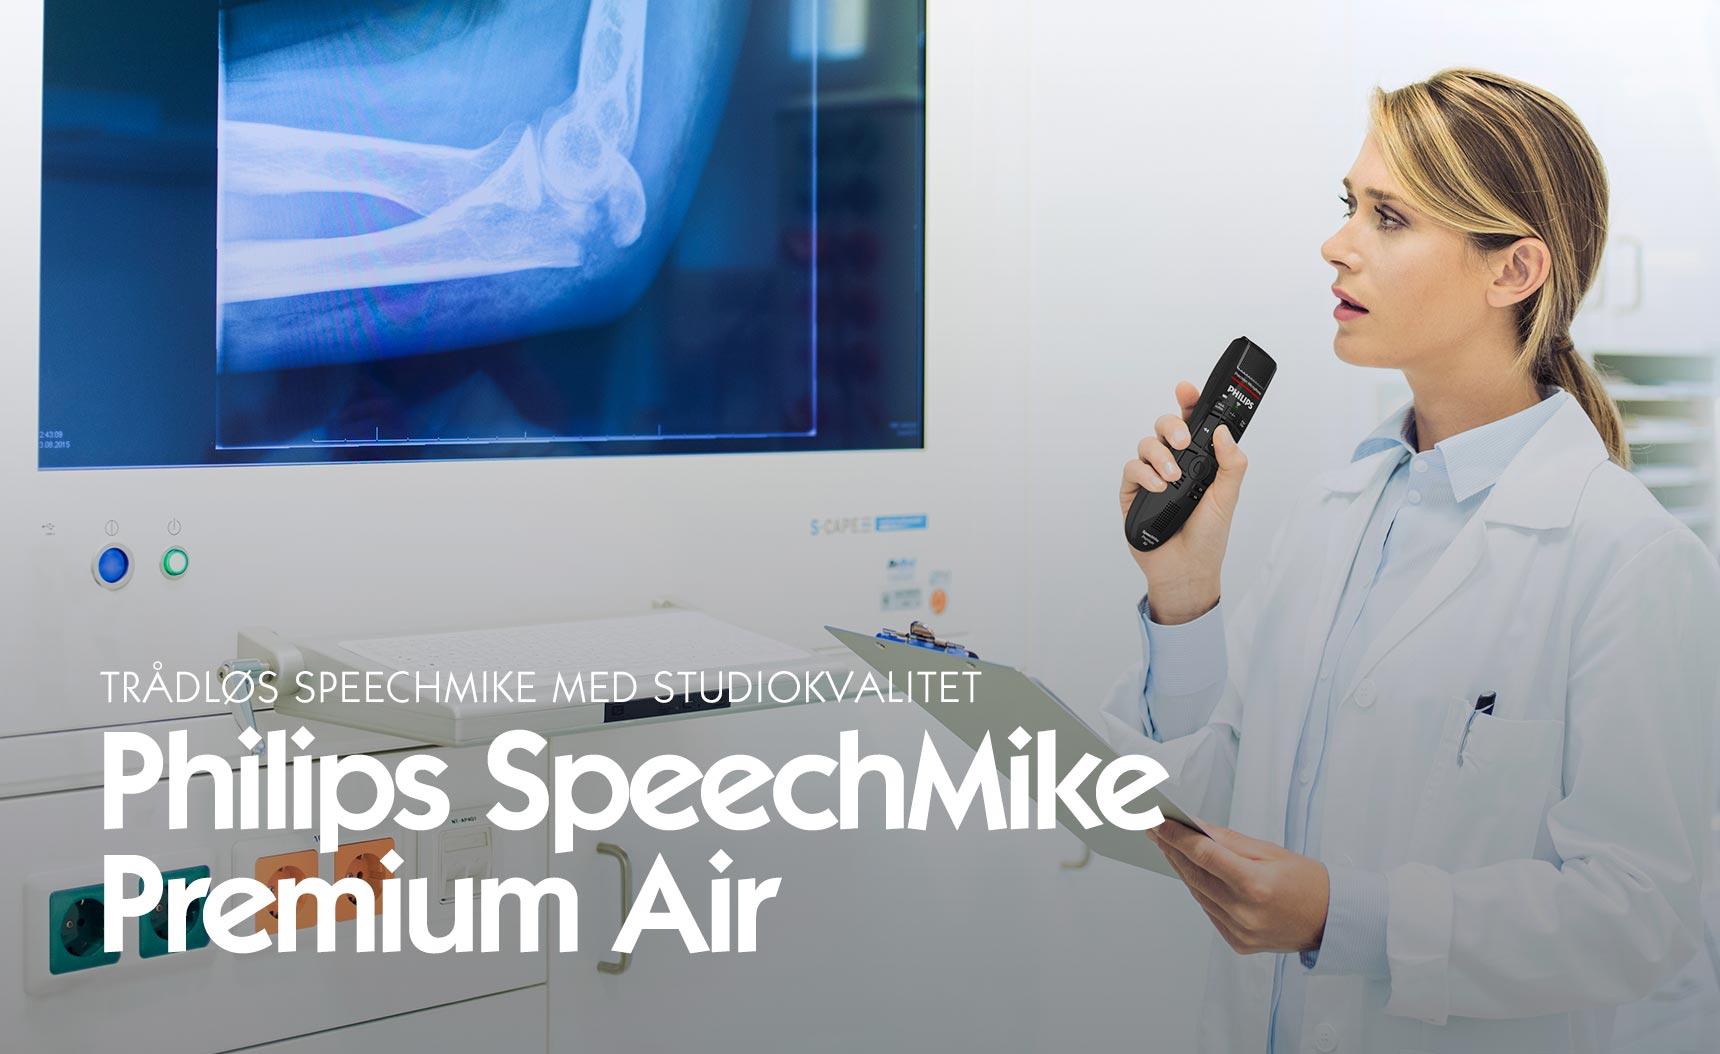 Trådløs SpeechMike med studiokvalitet - Premium Air